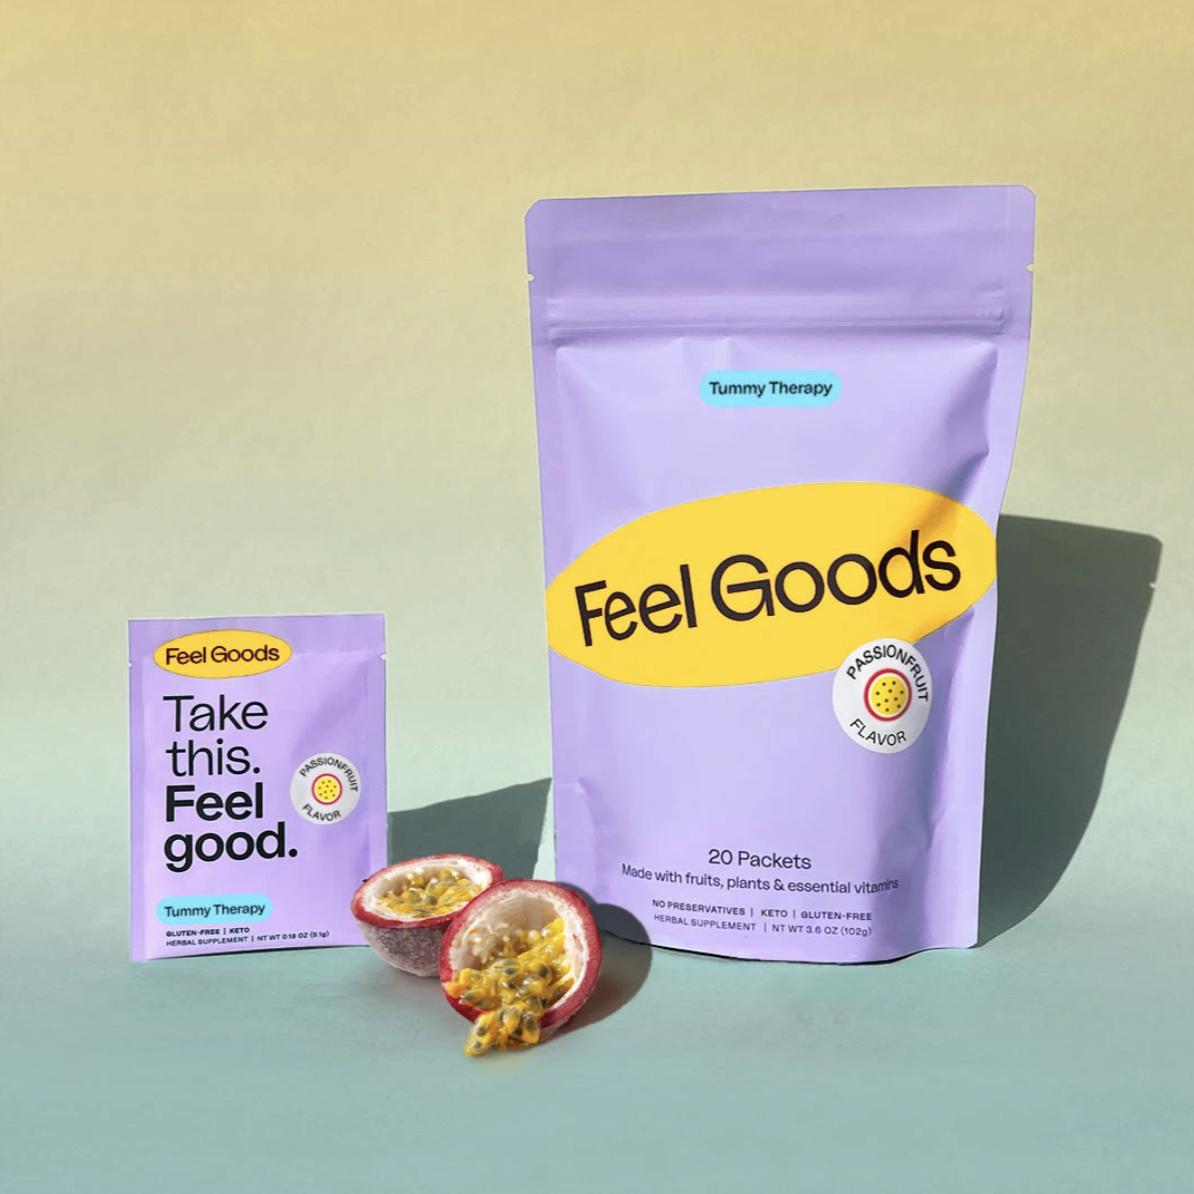 Feel Goods